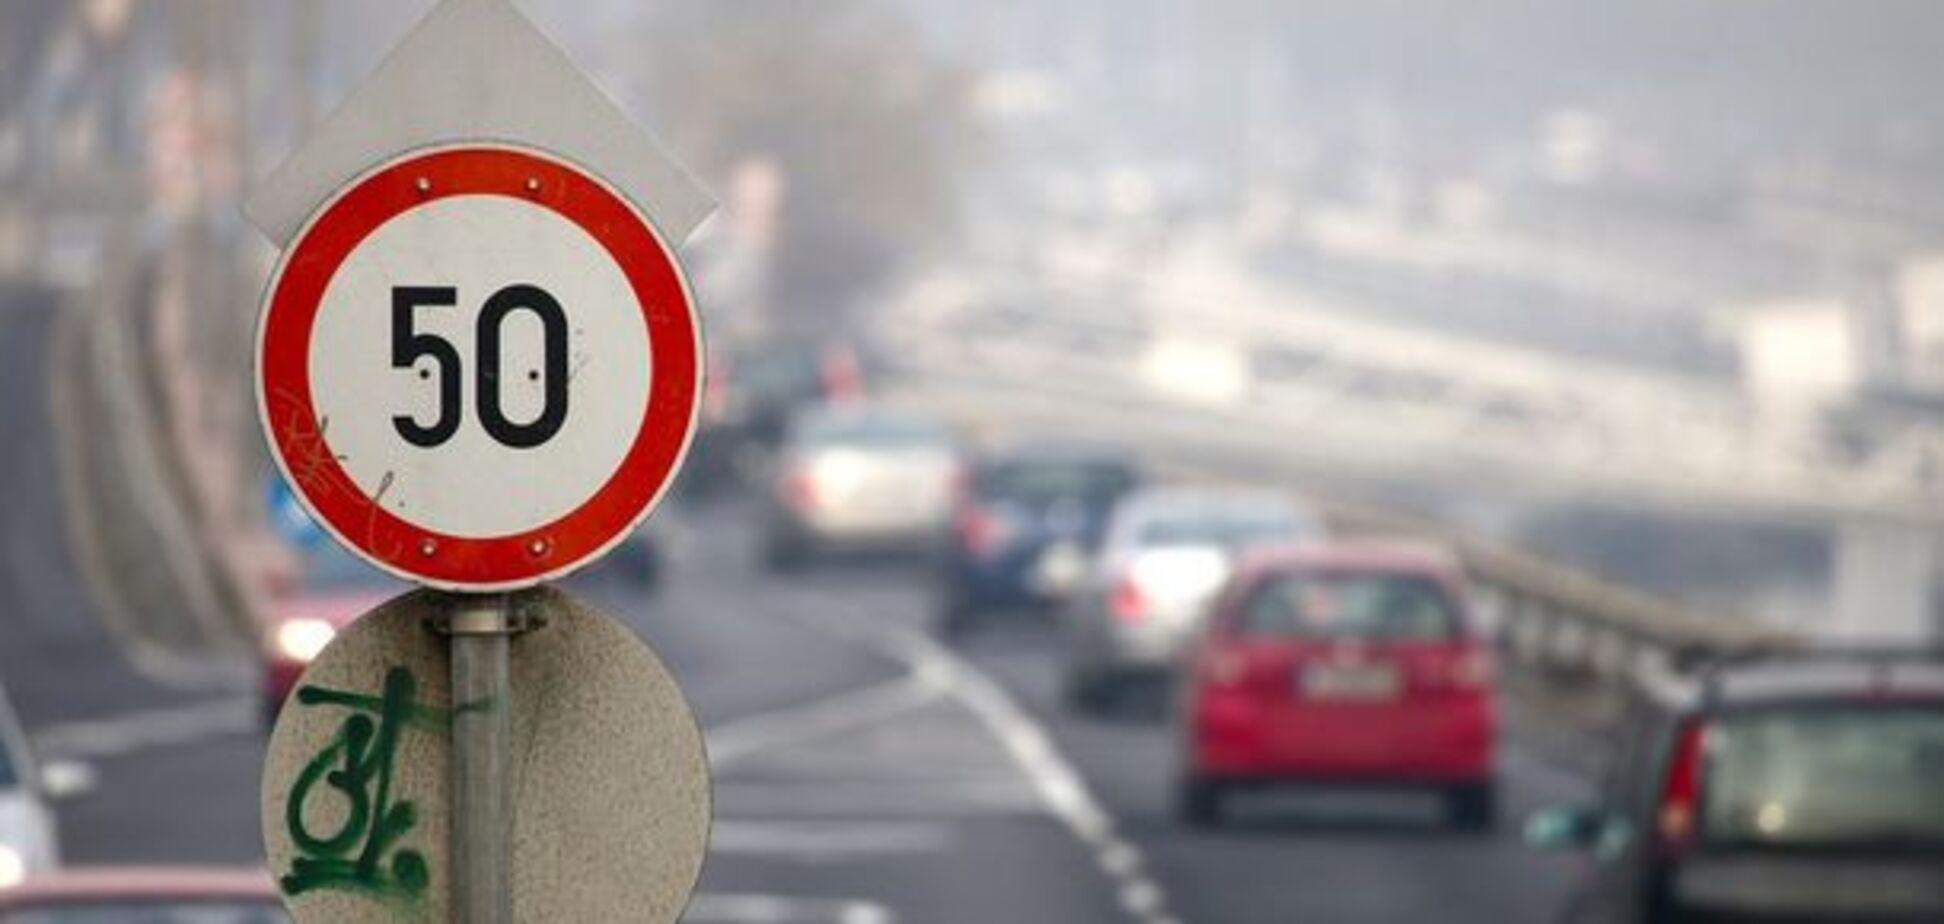 Потрясающий способ защиты от штрафа за превышение скорости